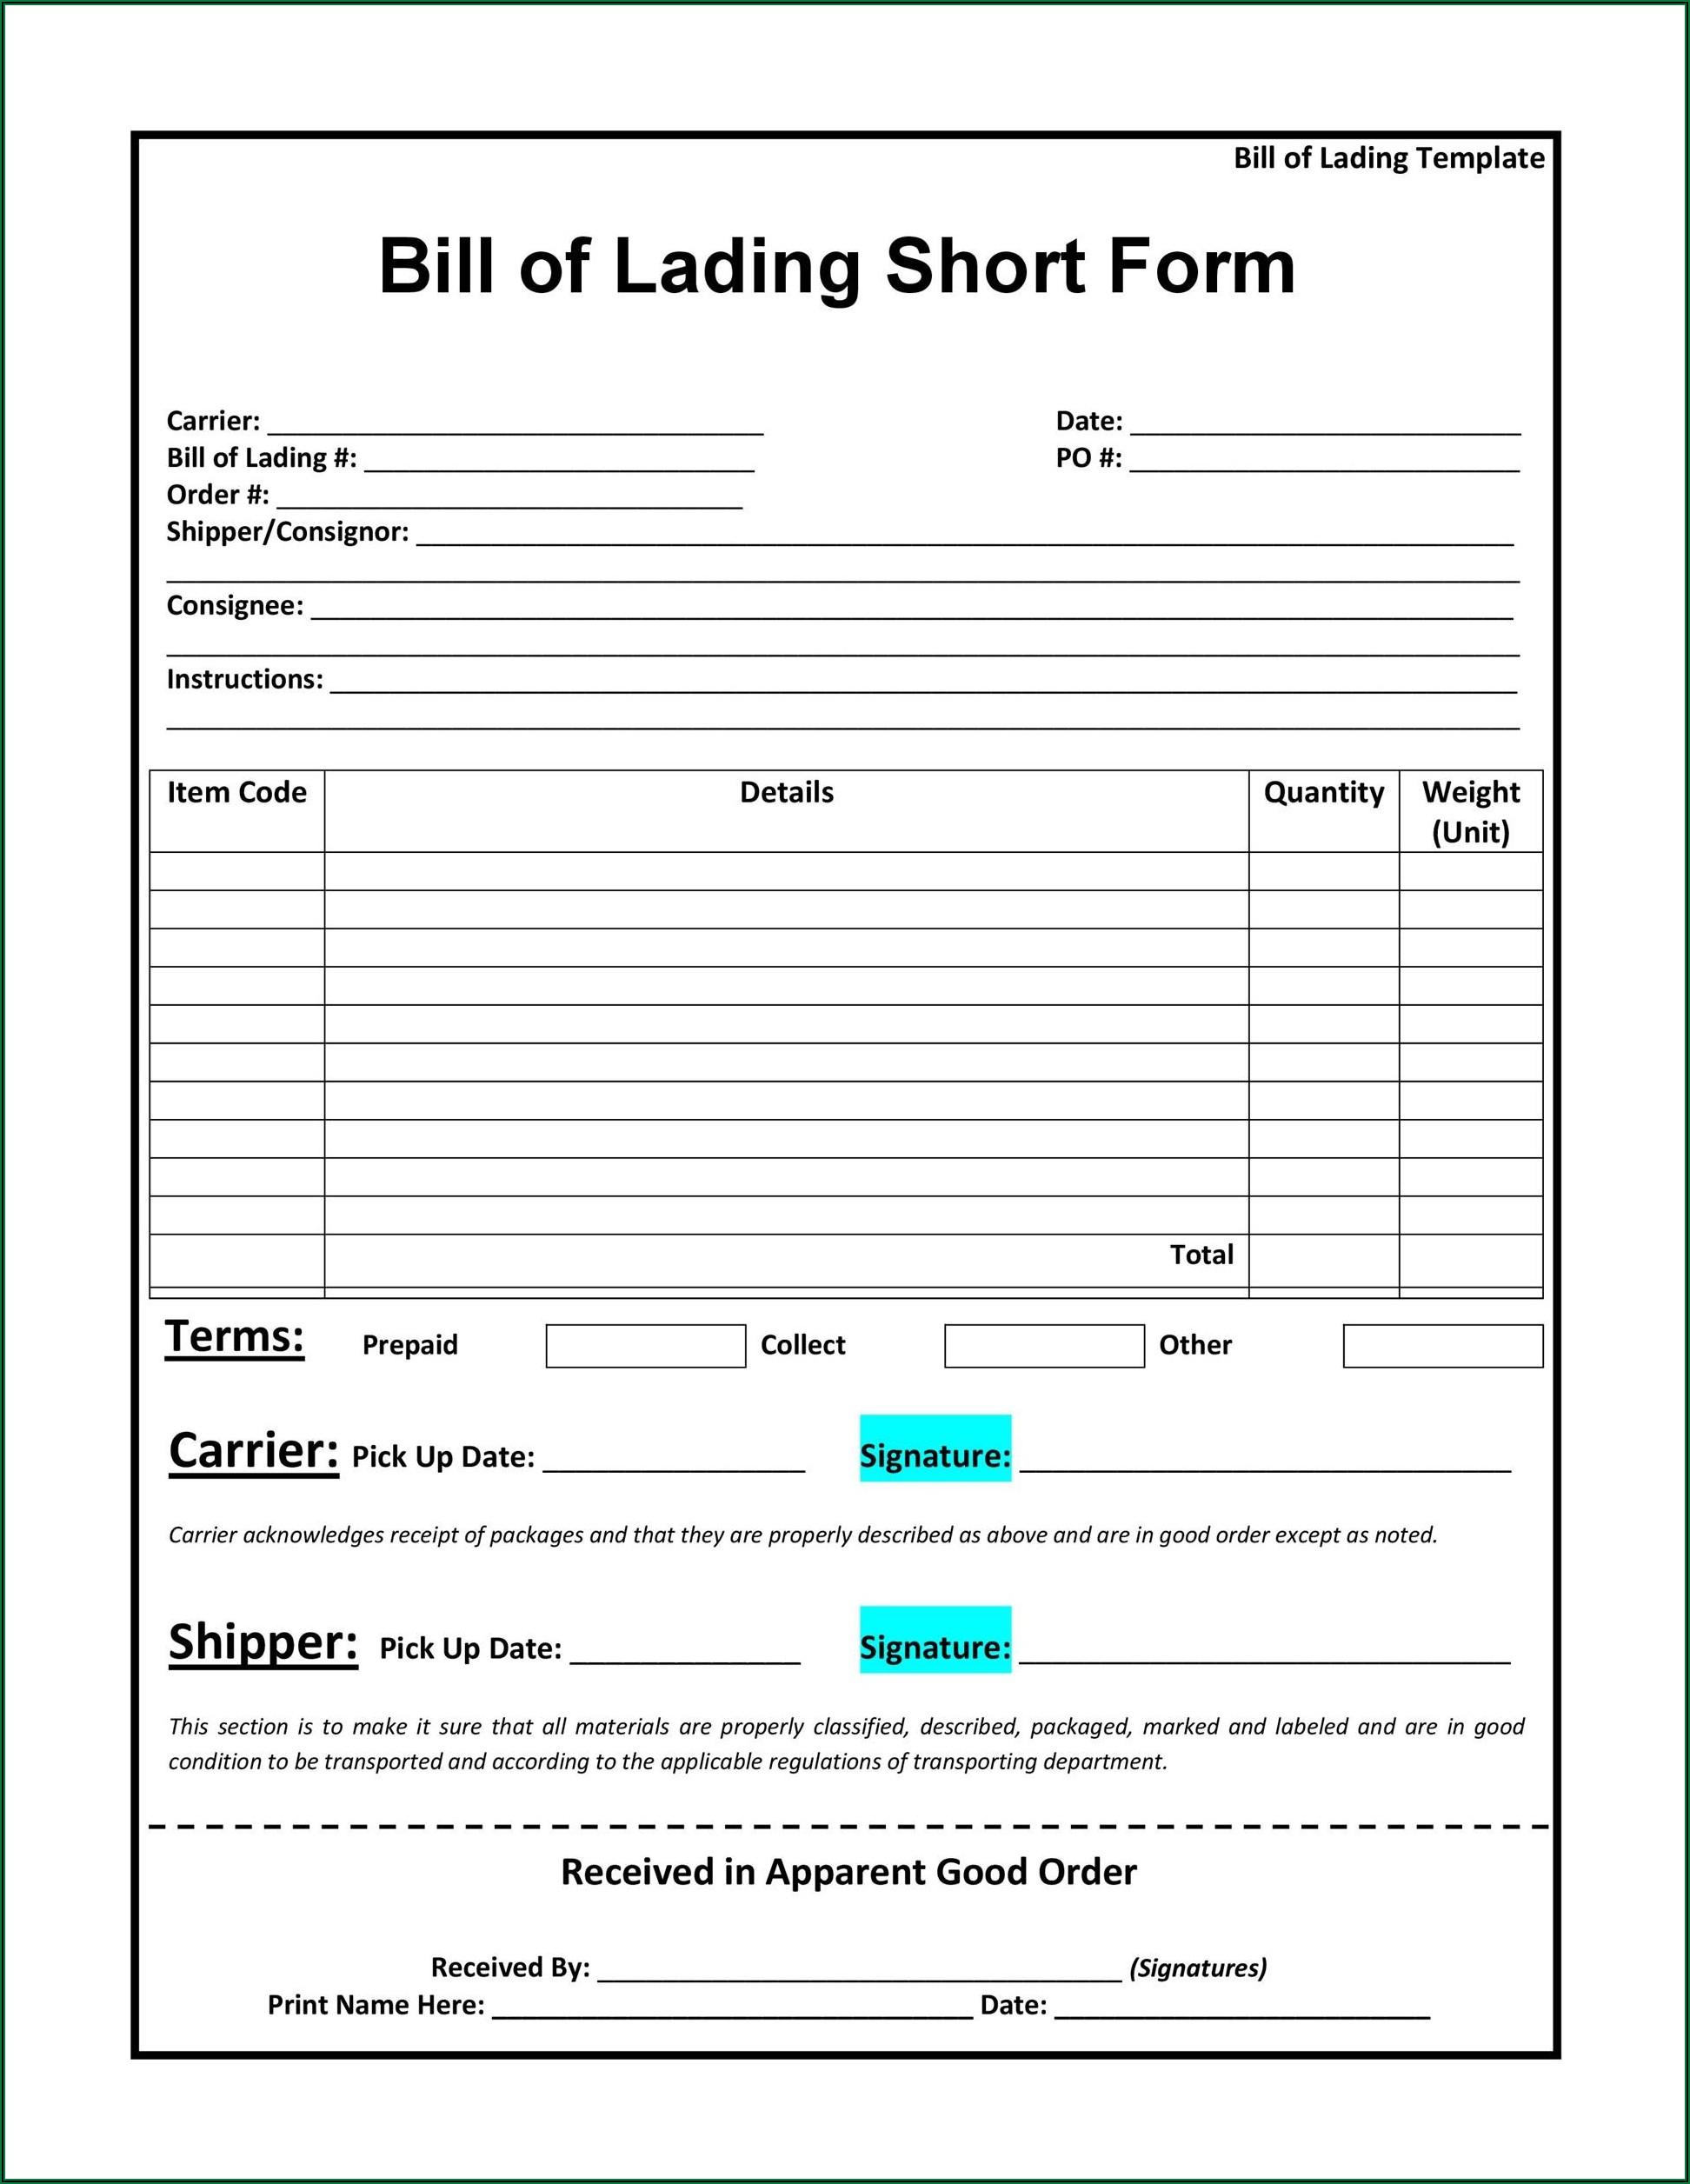 Straight Bill Of Lading Short Form Excel